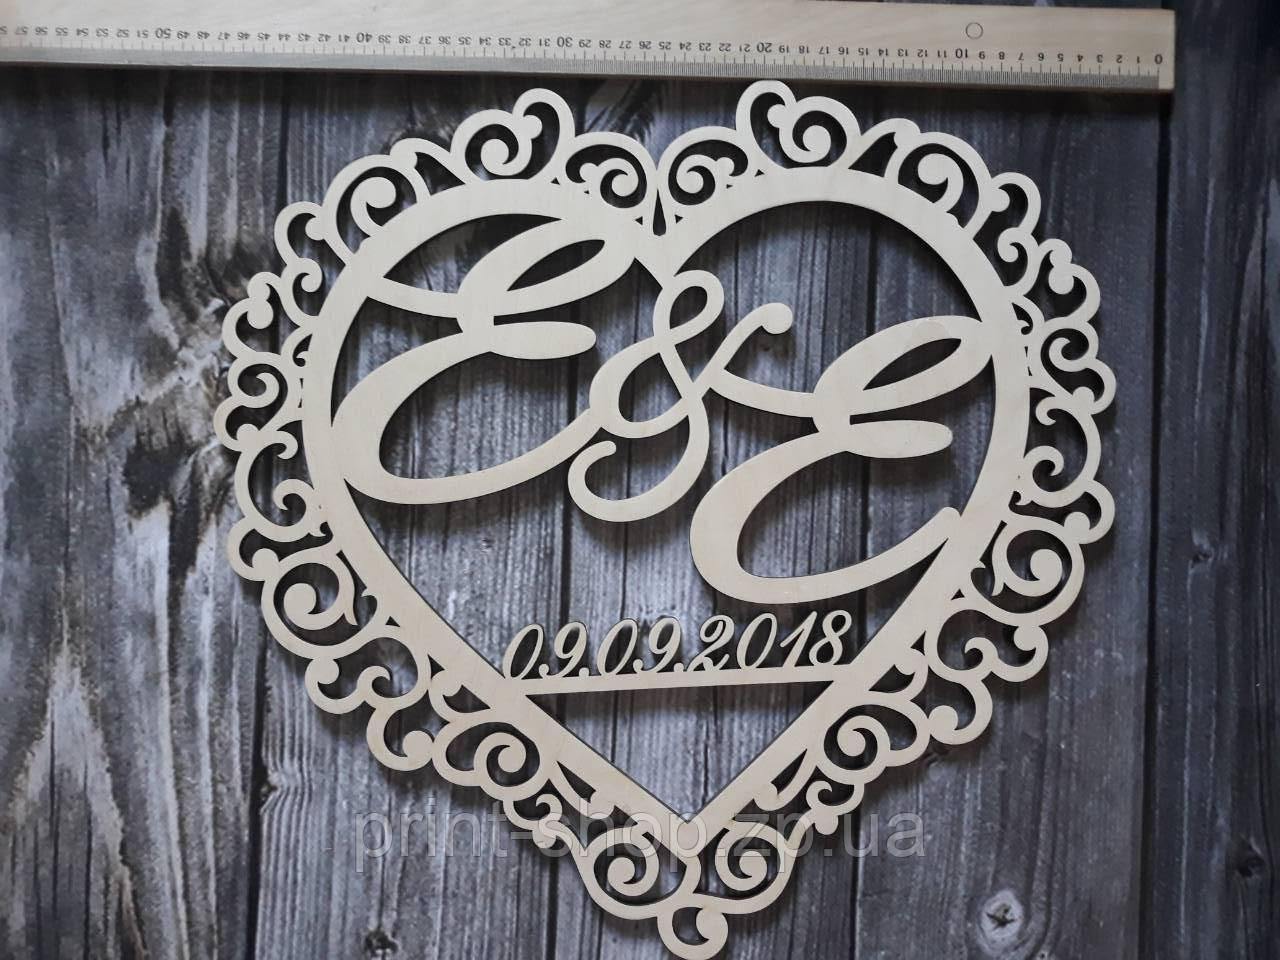 Монограмма, Свадебный герб. Герб на свадьбу. Деревянное украшение стола. Монограмма